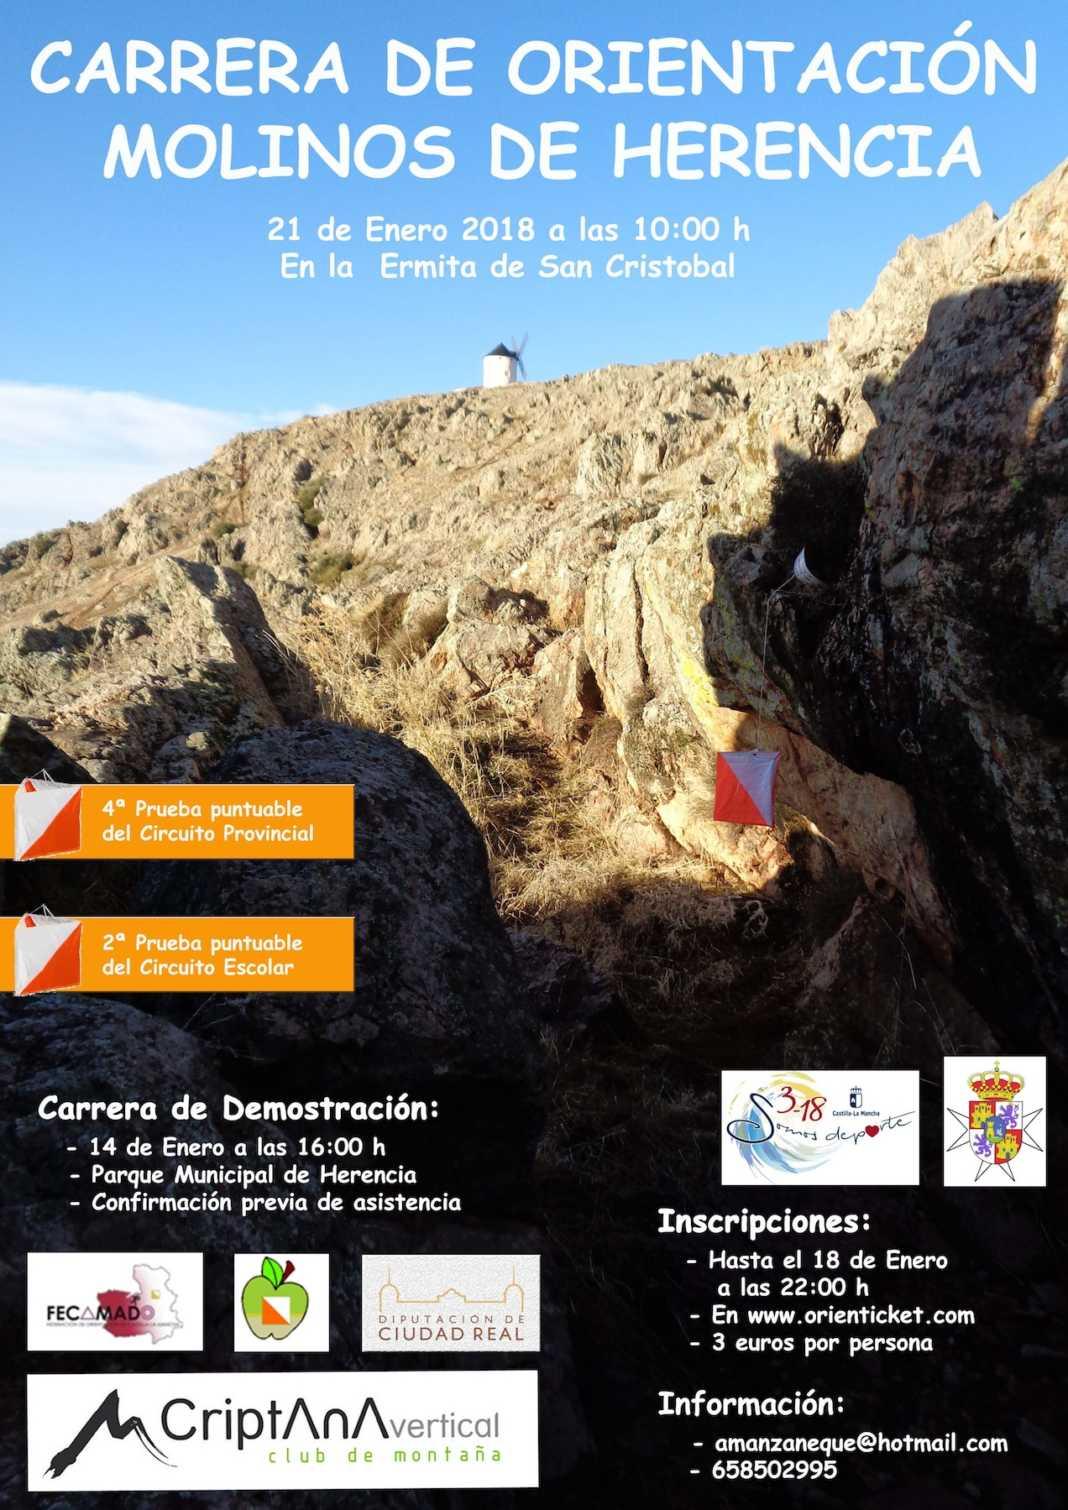 carrera orientacion molinos herencia 1068x1510 - Carrera de orientación: Molinos de Herencia